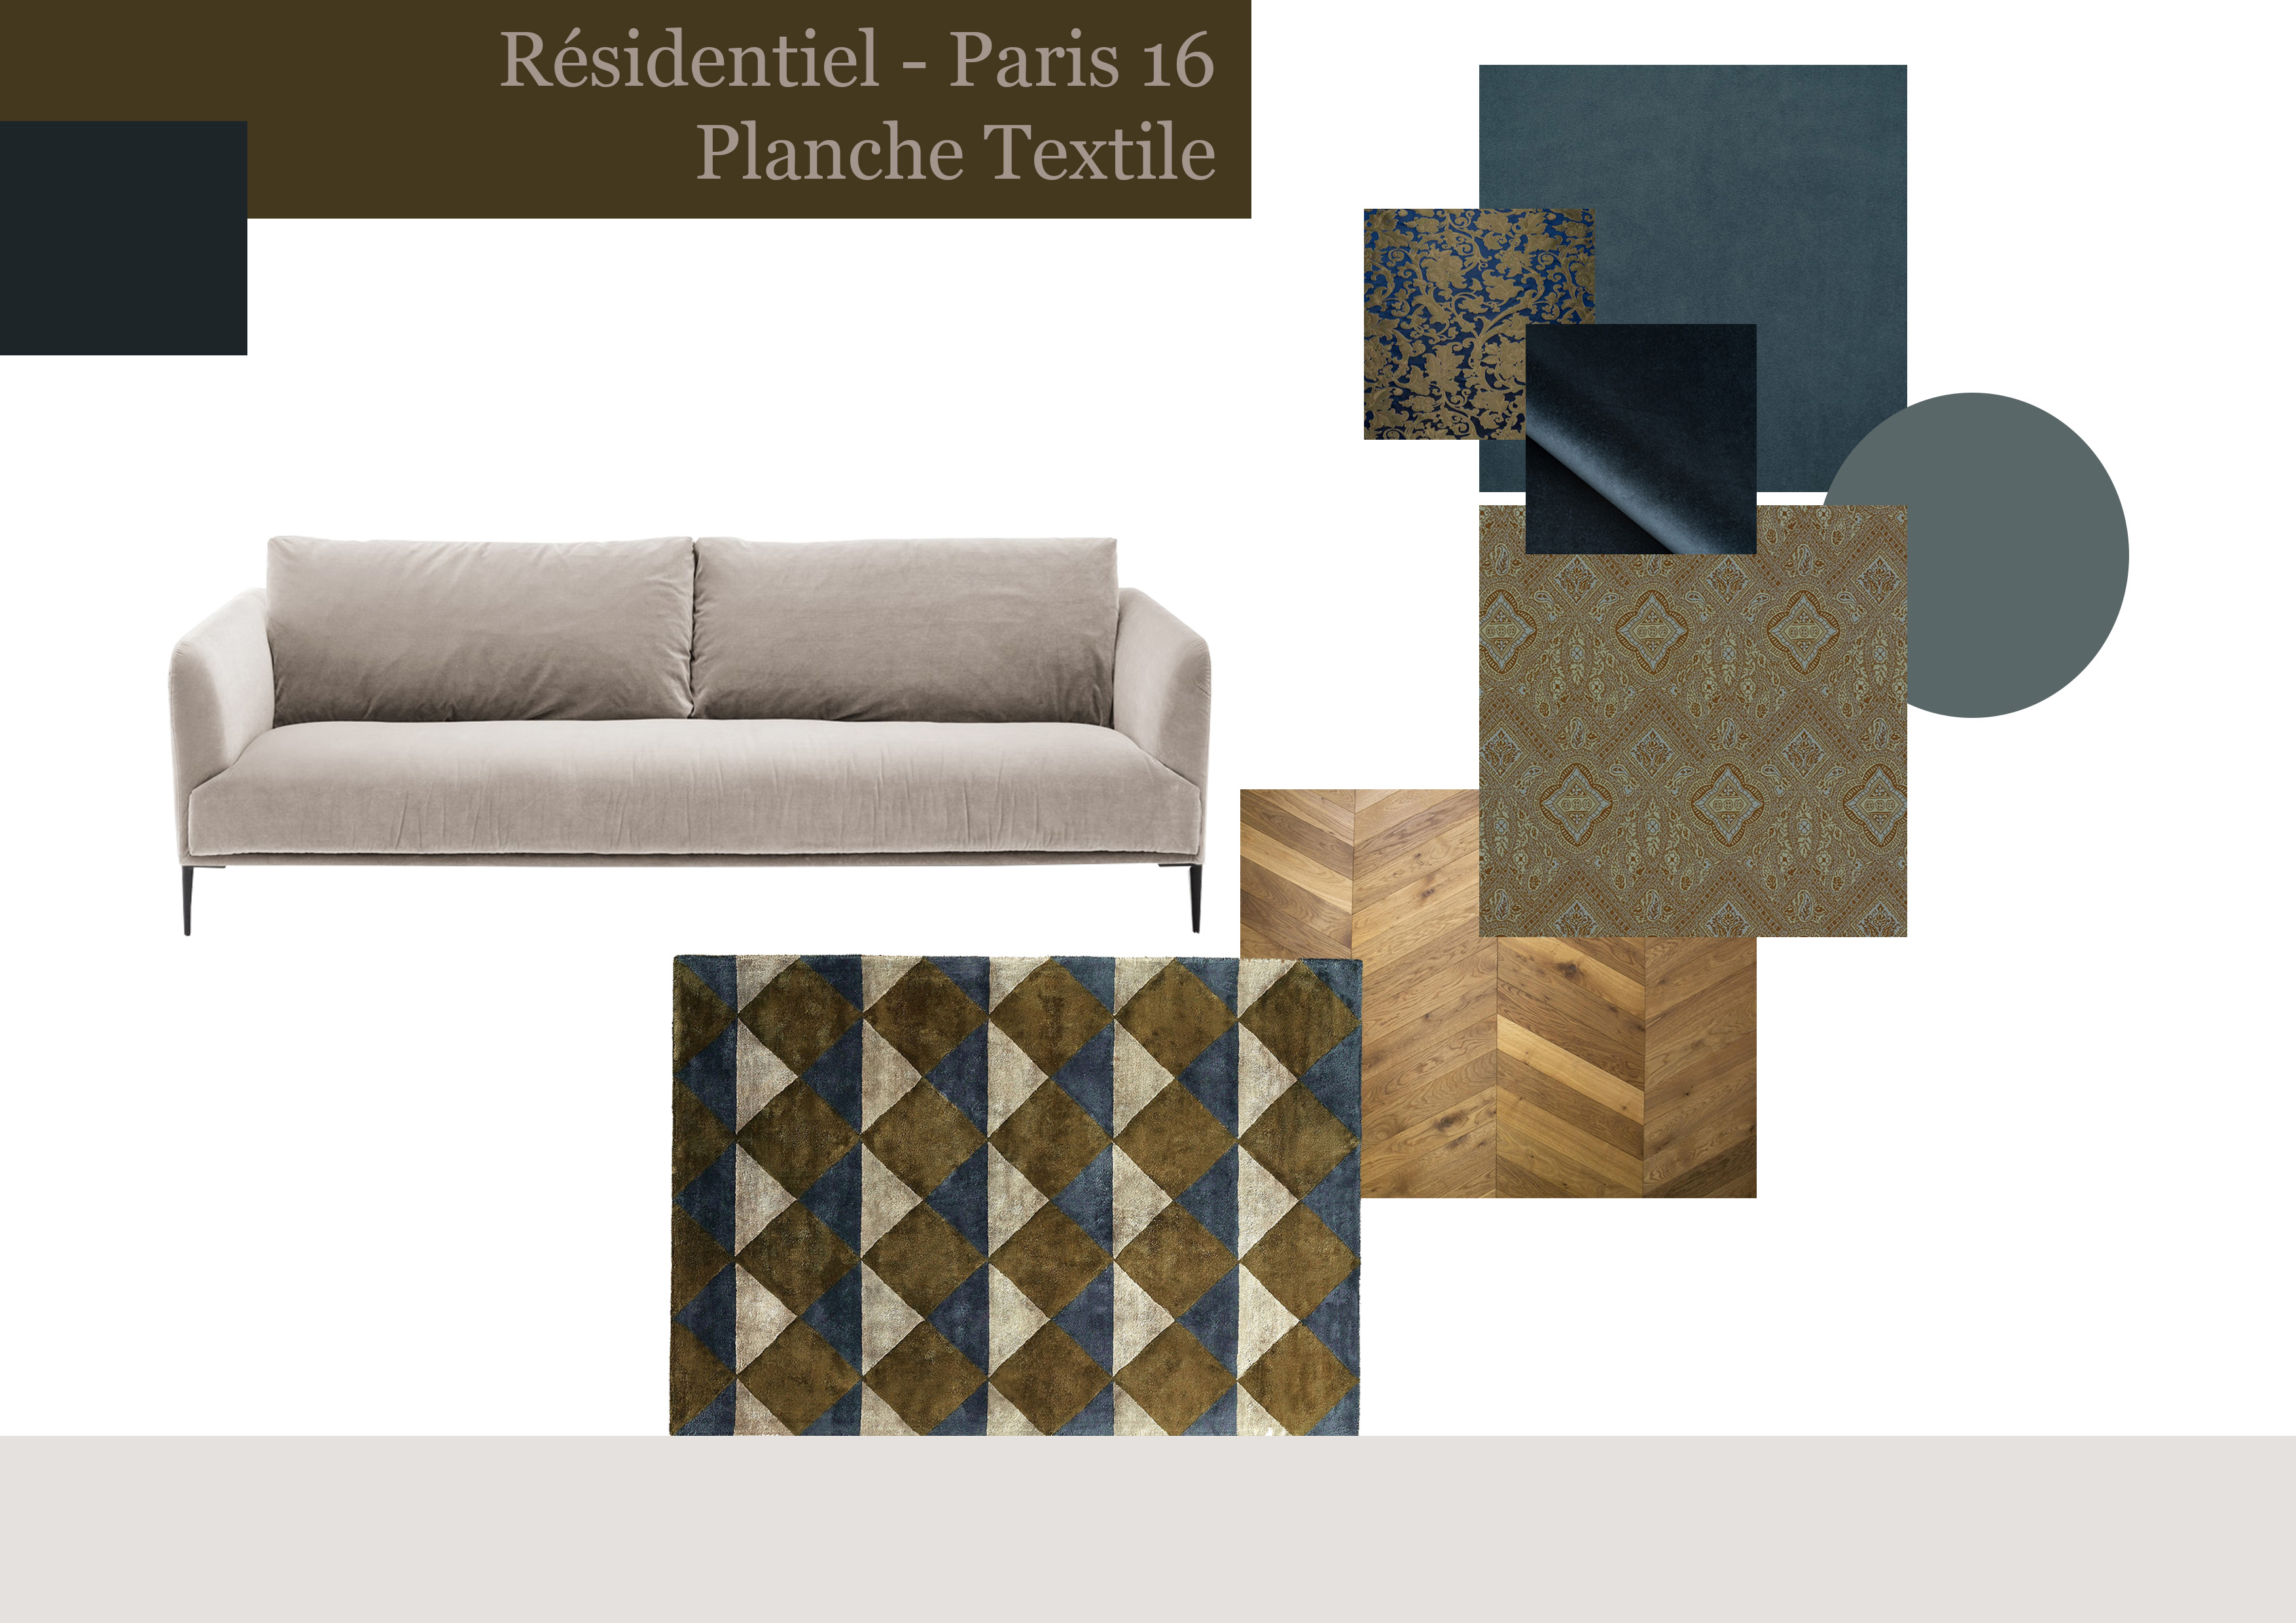 Planche Textile #Salon - Paris 16